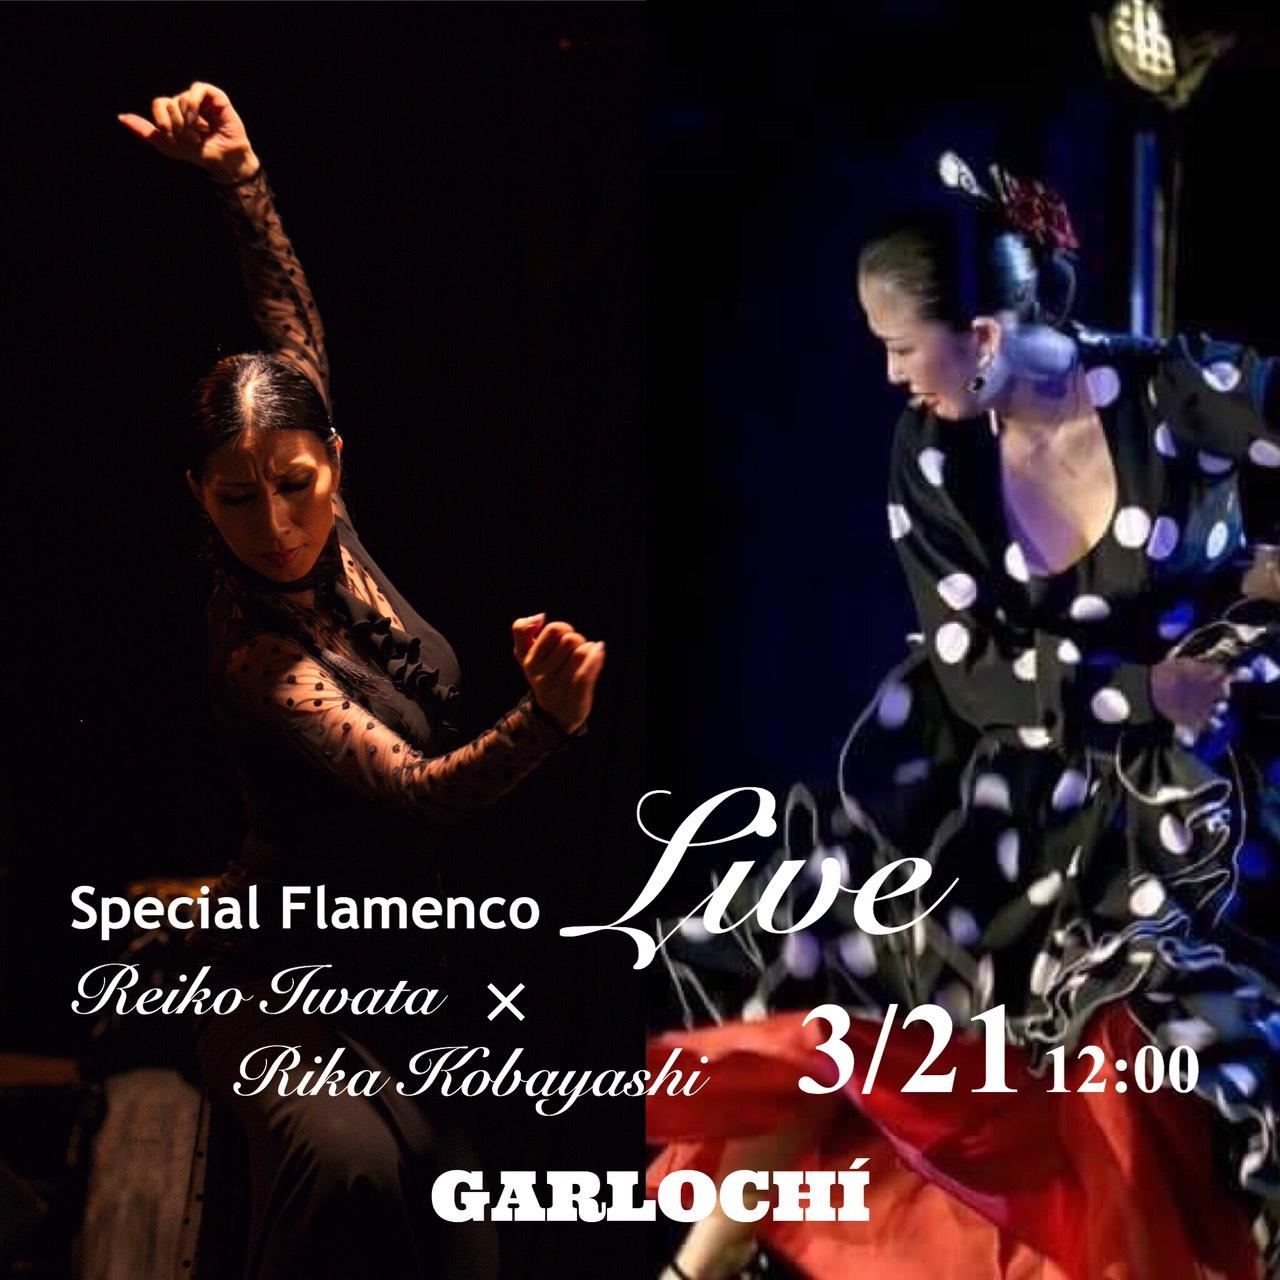 ガルロチ企画 Special Flamenco Live 岩田玲子×小林理香 〜Siente y Vibra 〜